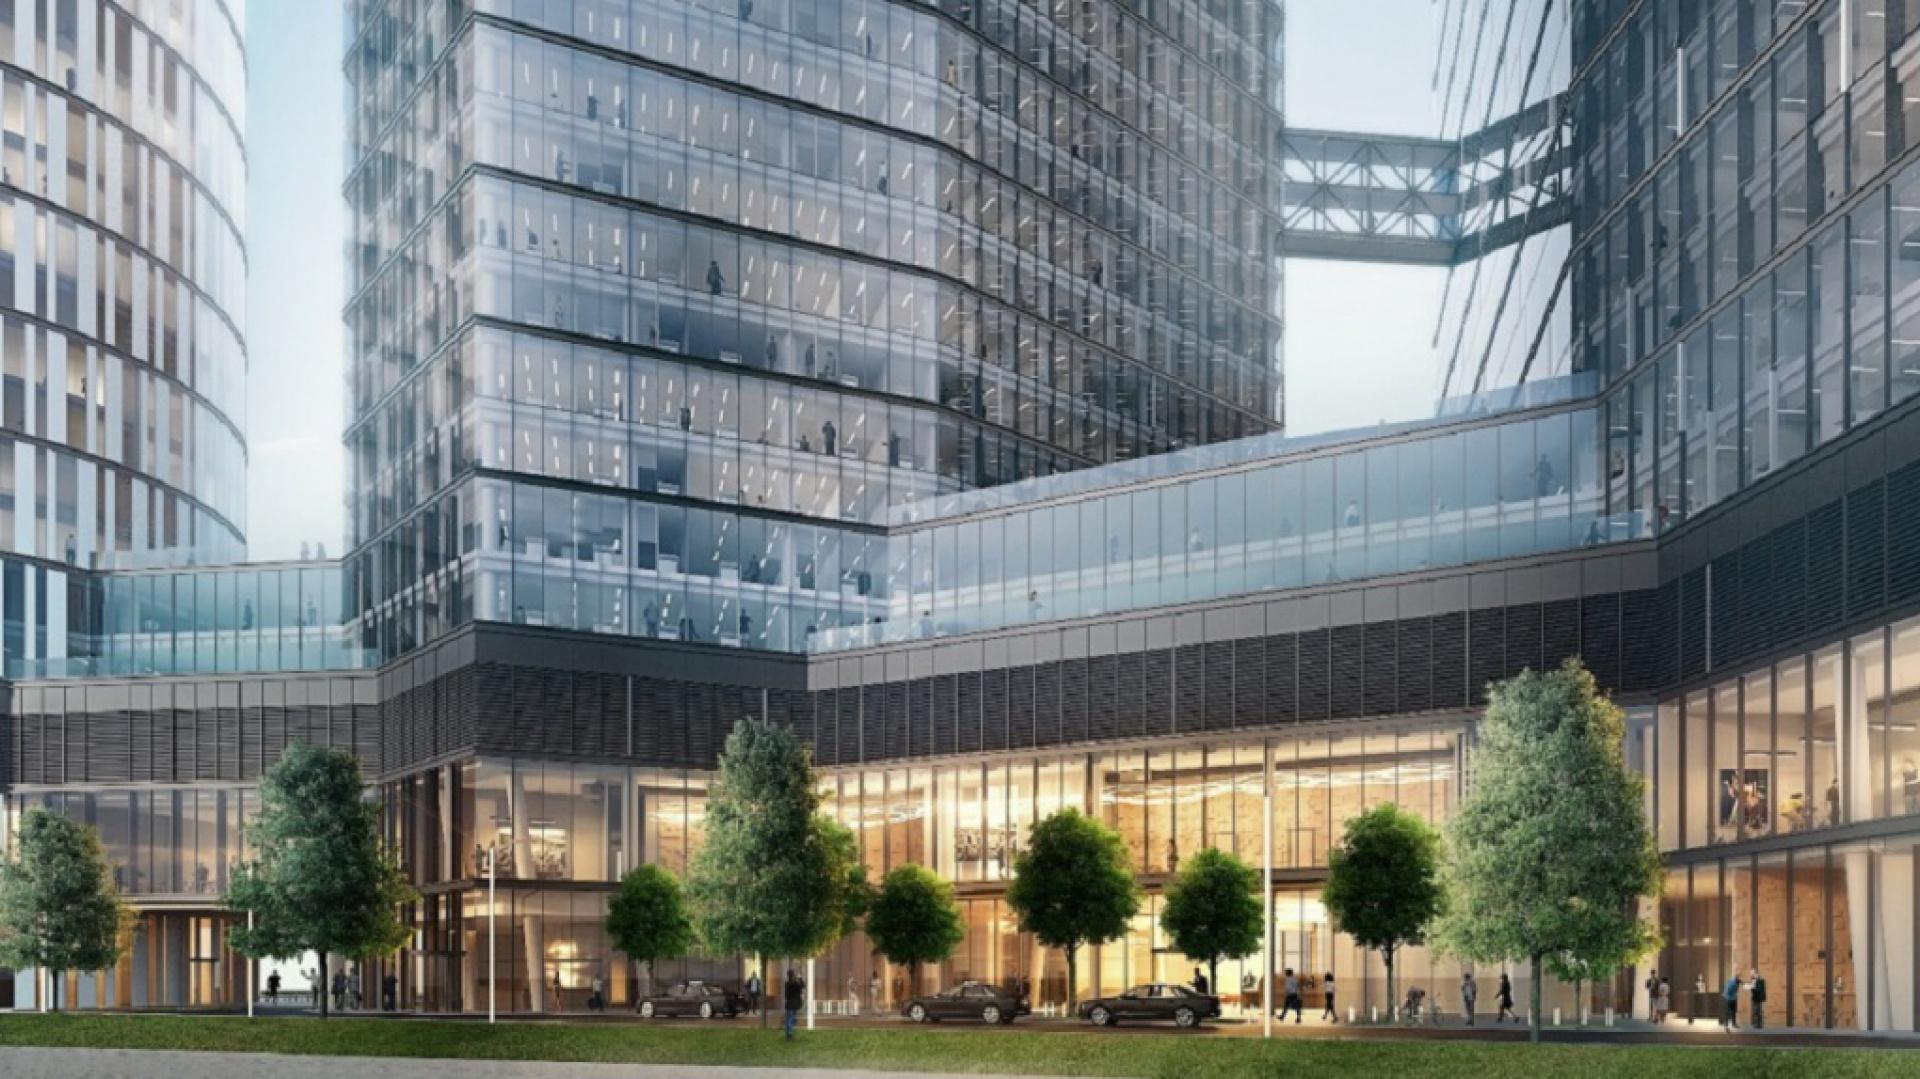 The Warsaw HUB to kompleks łączący w sobie wszystkie funkcje niezbędne do działania nowoczesnych korporacji oraz start-upów. Na powierzchni 113 tys. mkw. znajdą się najwyższej klasy przestrzenie biurowe, a także centrum konferencyjne oraz 3- i 4-gwiazdkowy hotel.